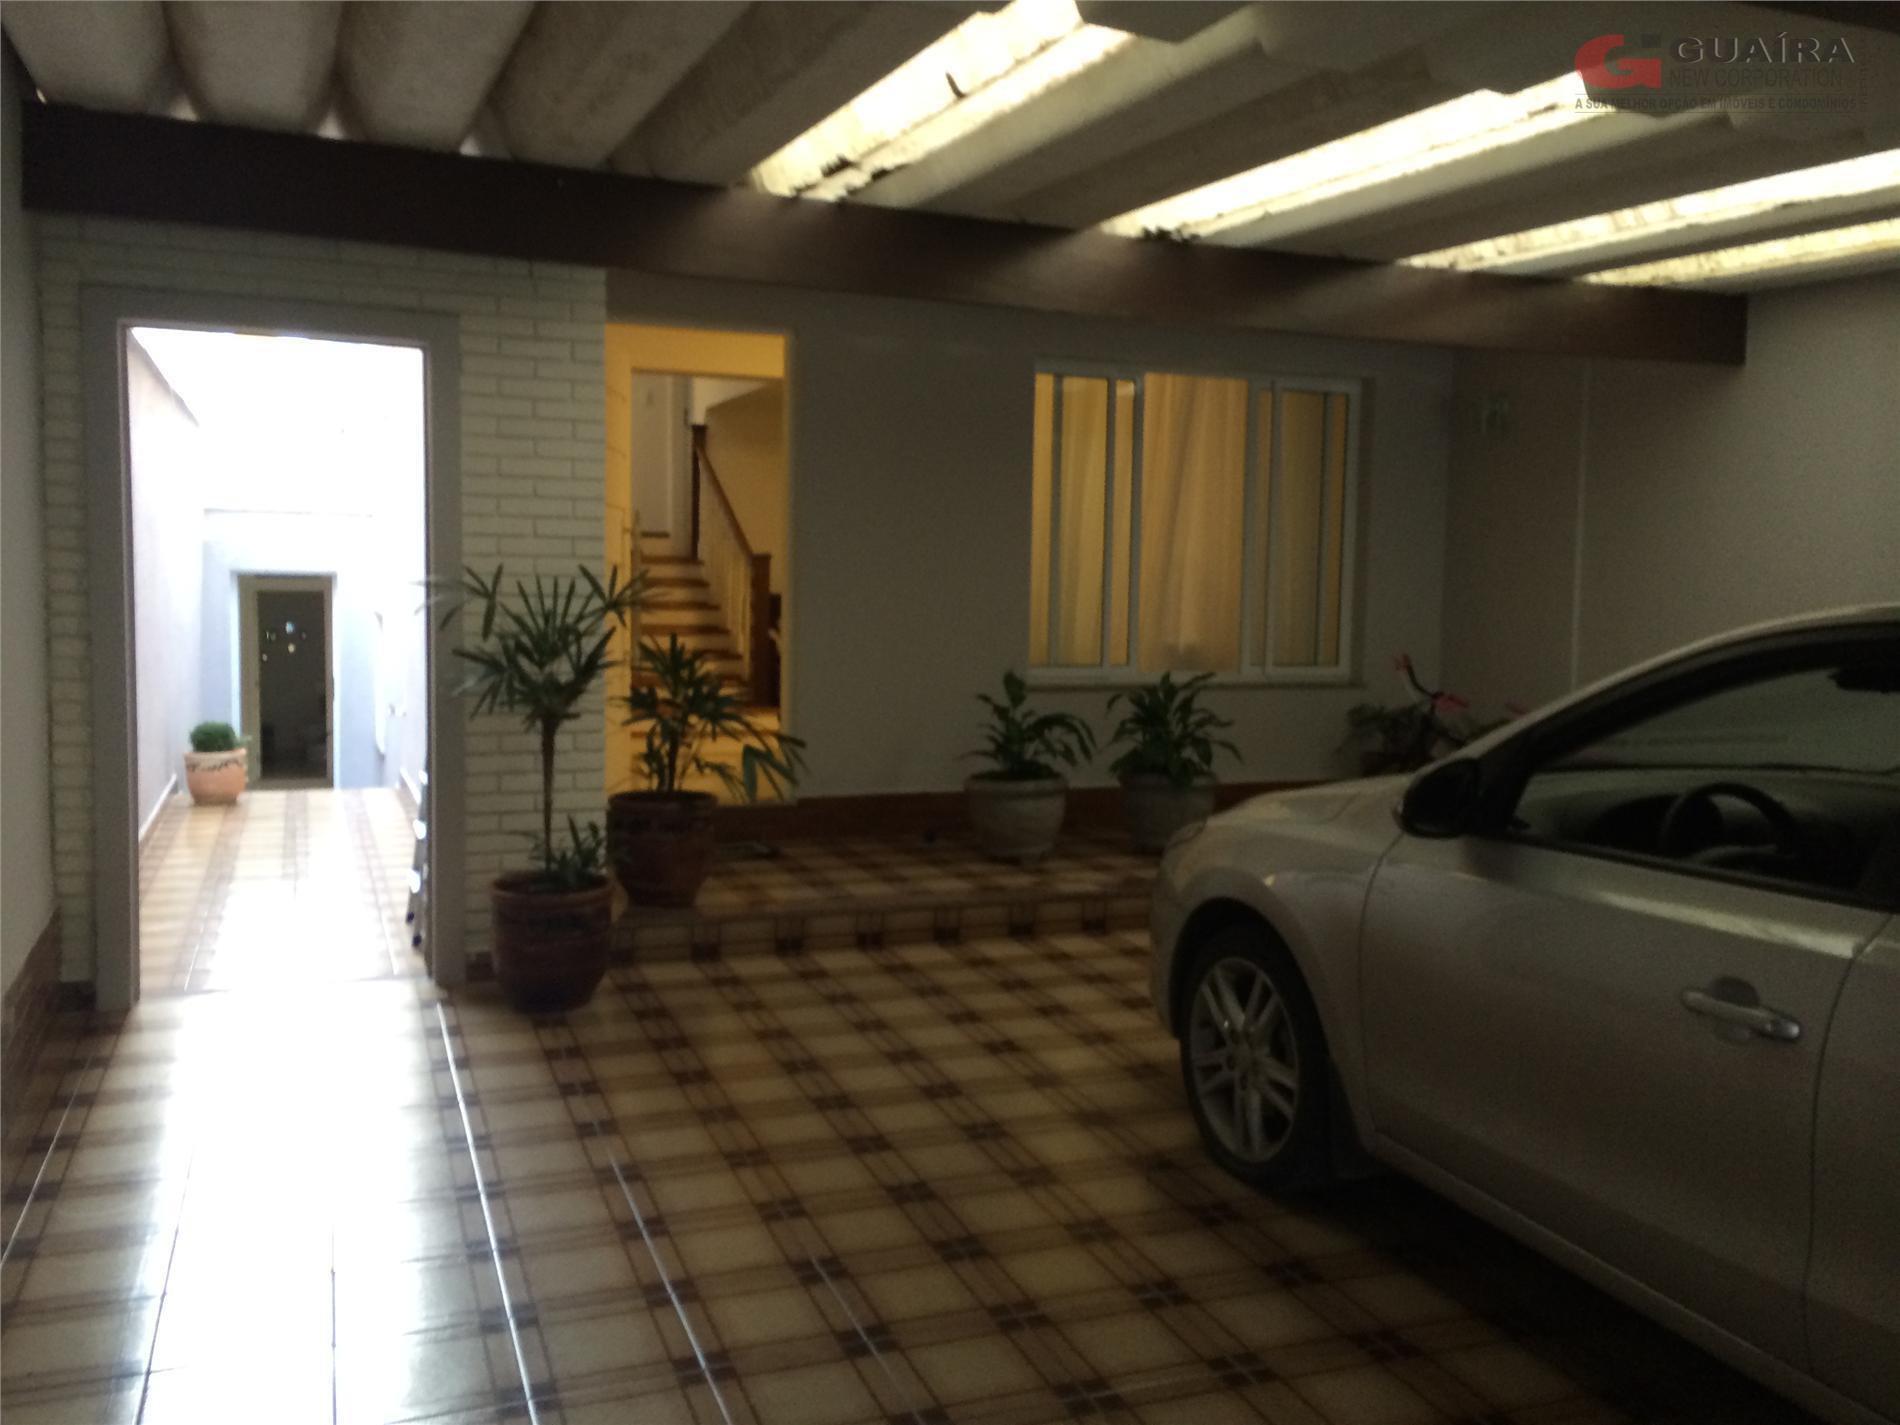 Sobrado de 3 dormitórios à venda em Parque Terra Nova, São Bernardo Do Campo - SP